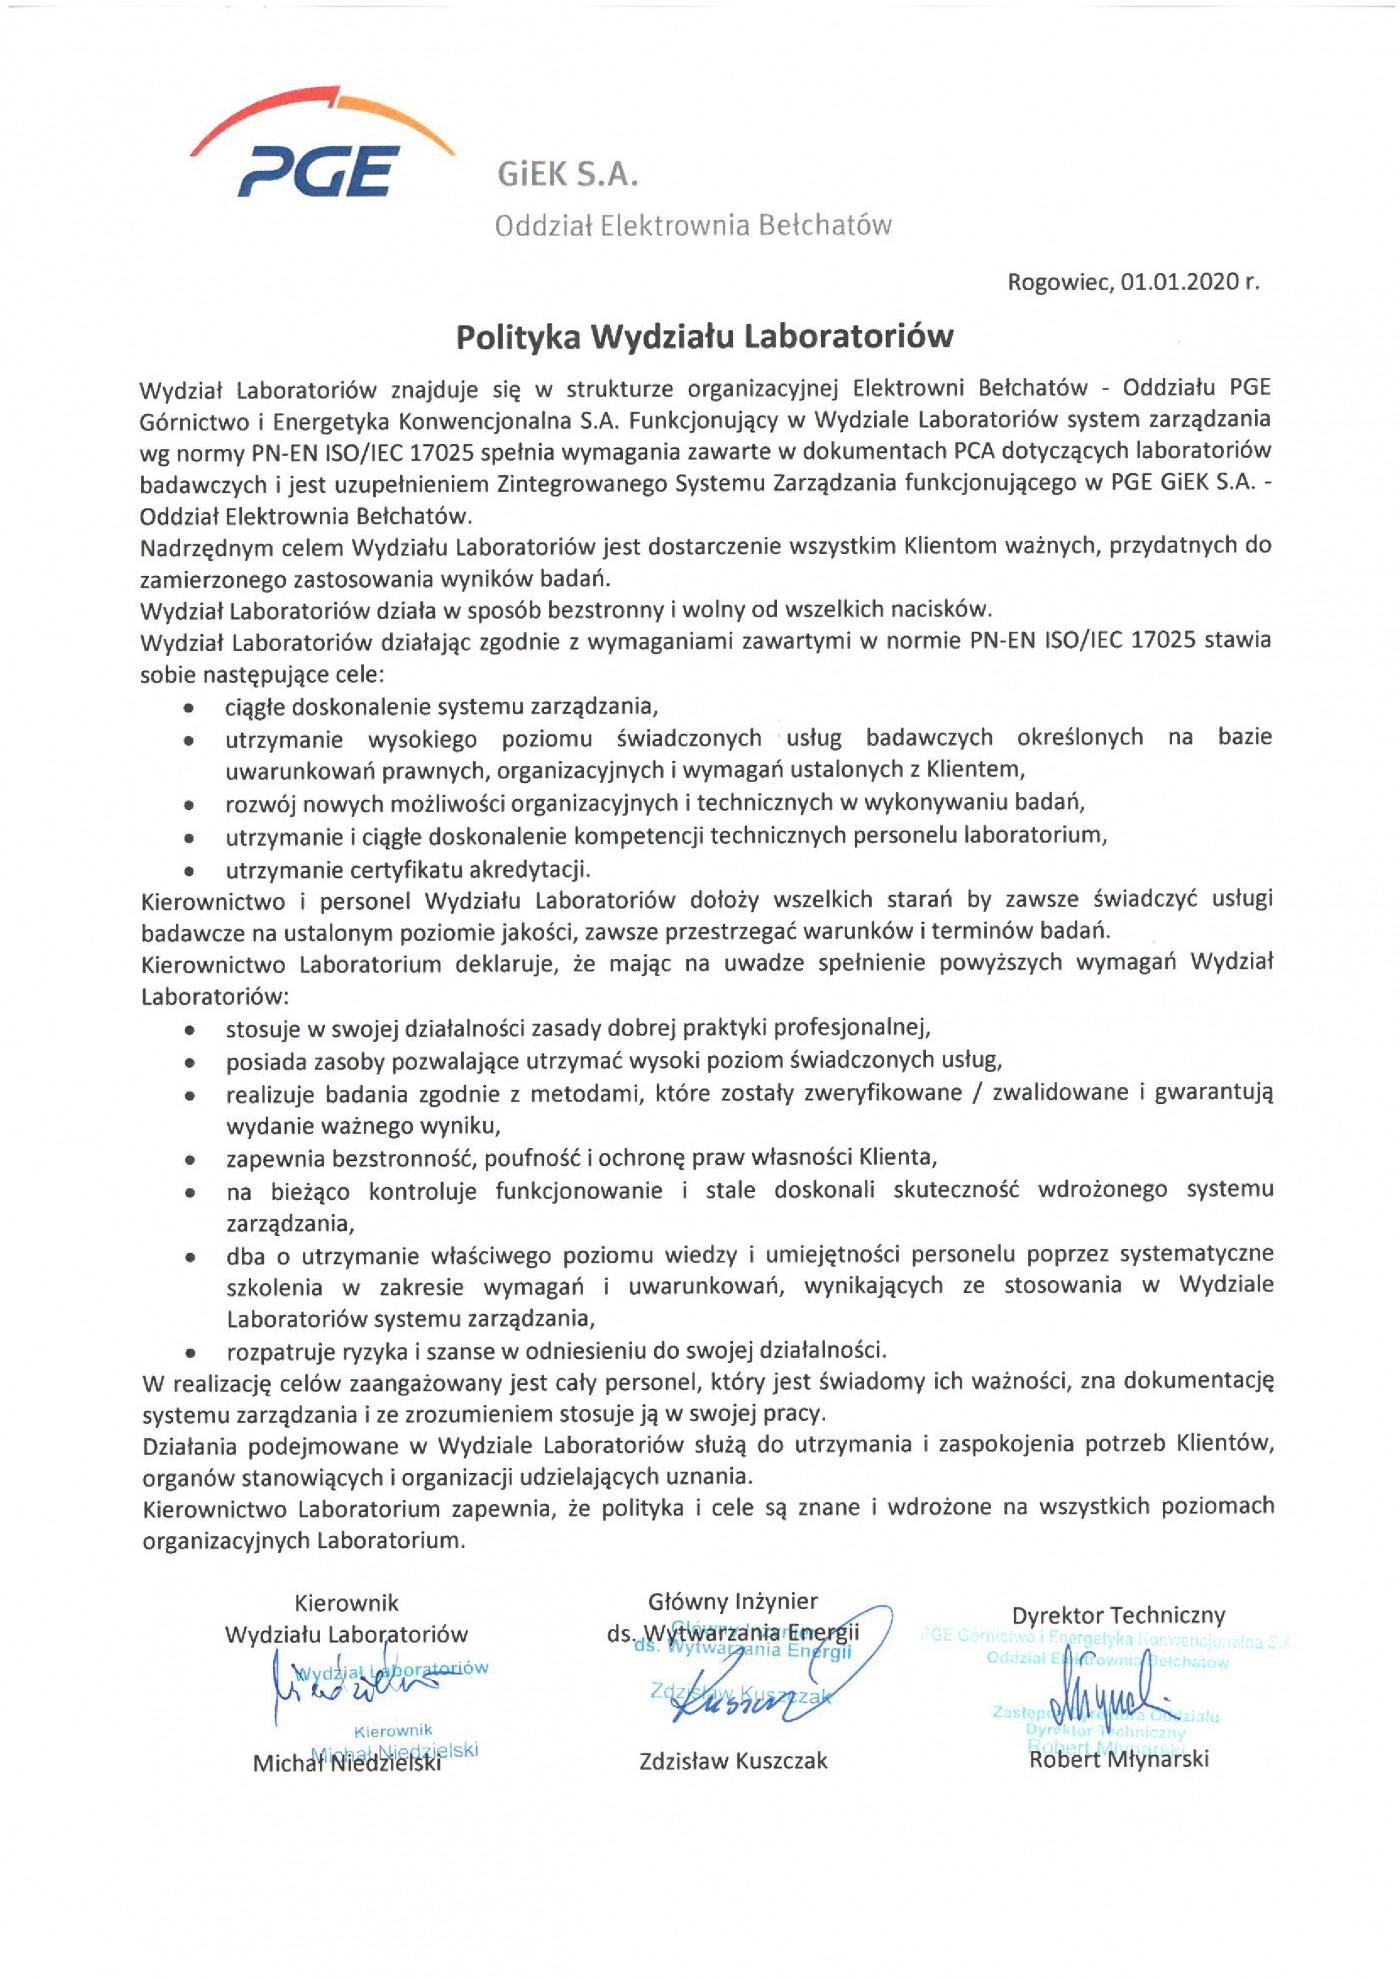 polityka-twl_wyd-1_2020.jpg